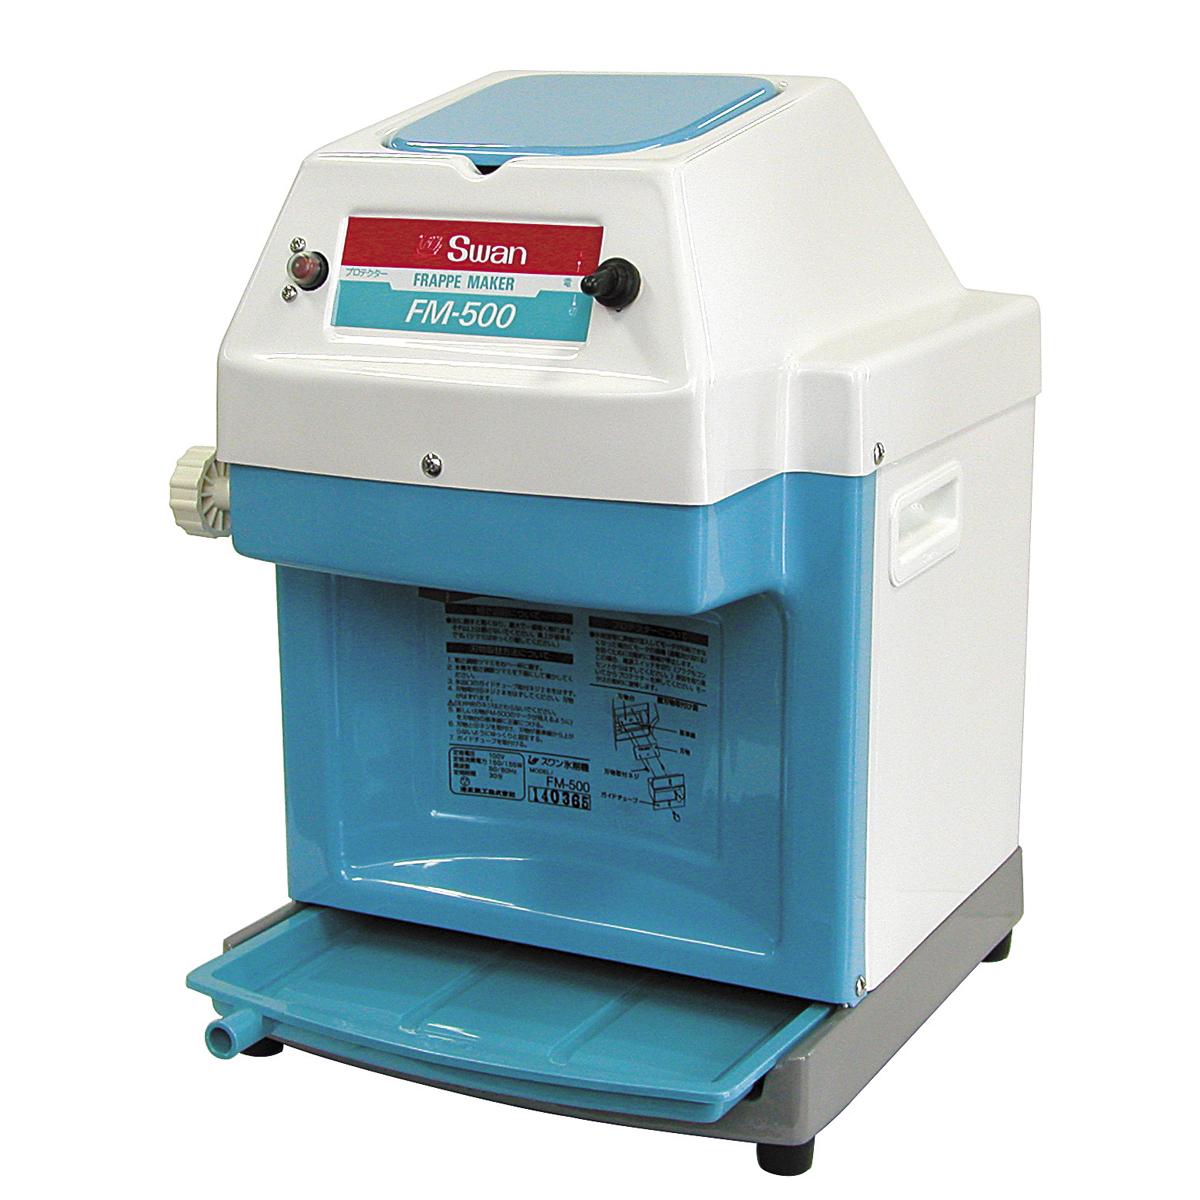 スワン アイススライサー FM-500 ブルー かき氷機 電動 業務用